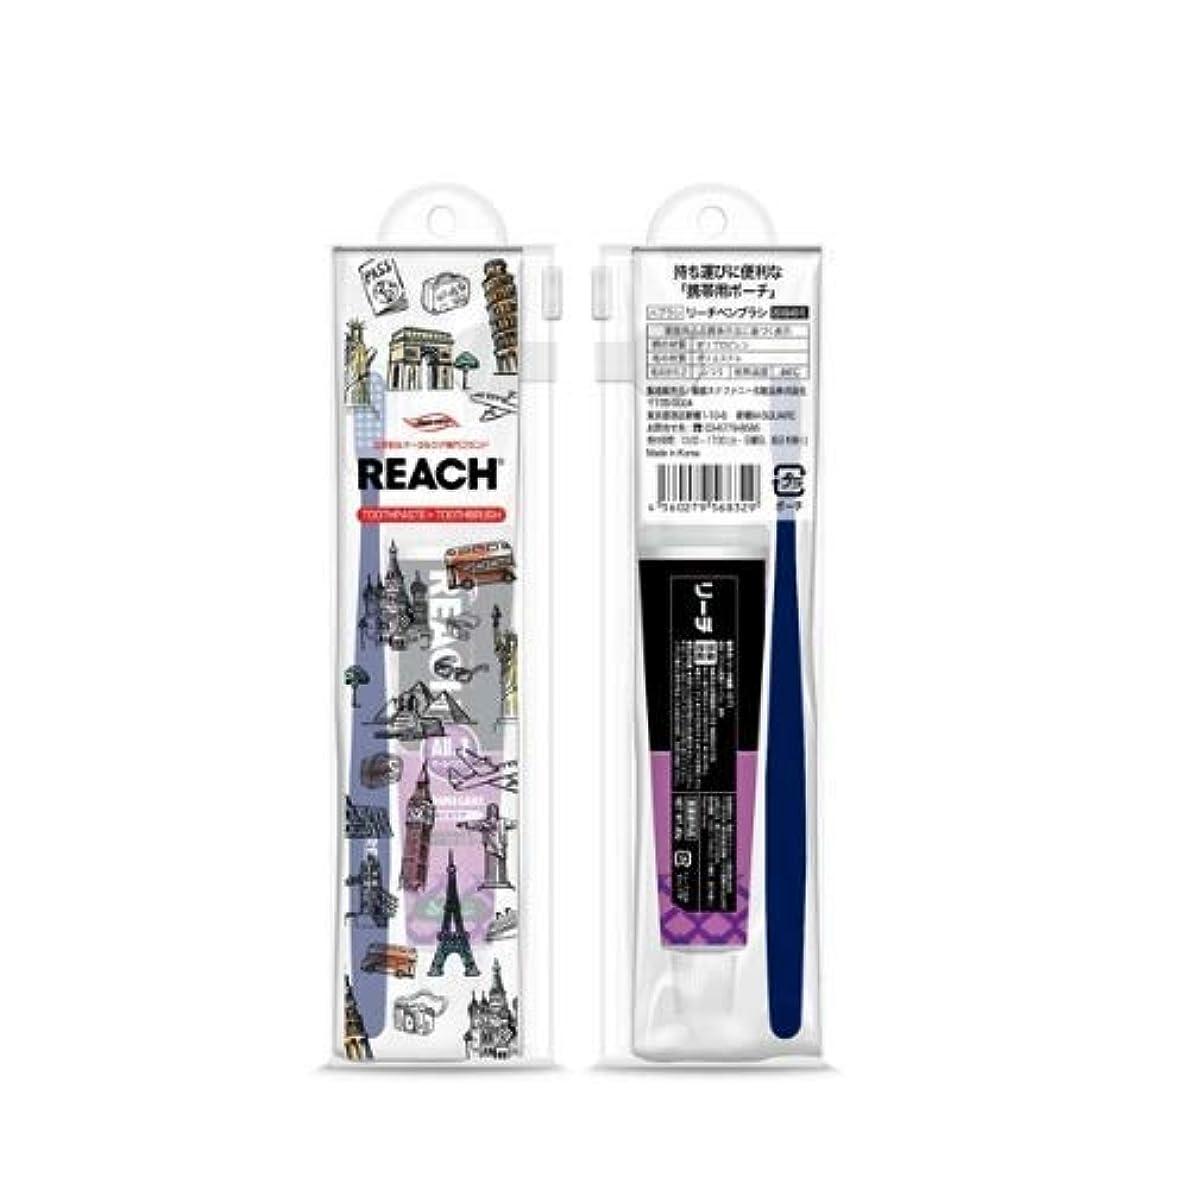 時アッパー減らすリーチトラベルセット(デンタル歯ブラシ1本?薬用歯みがき40g) × 12個セット